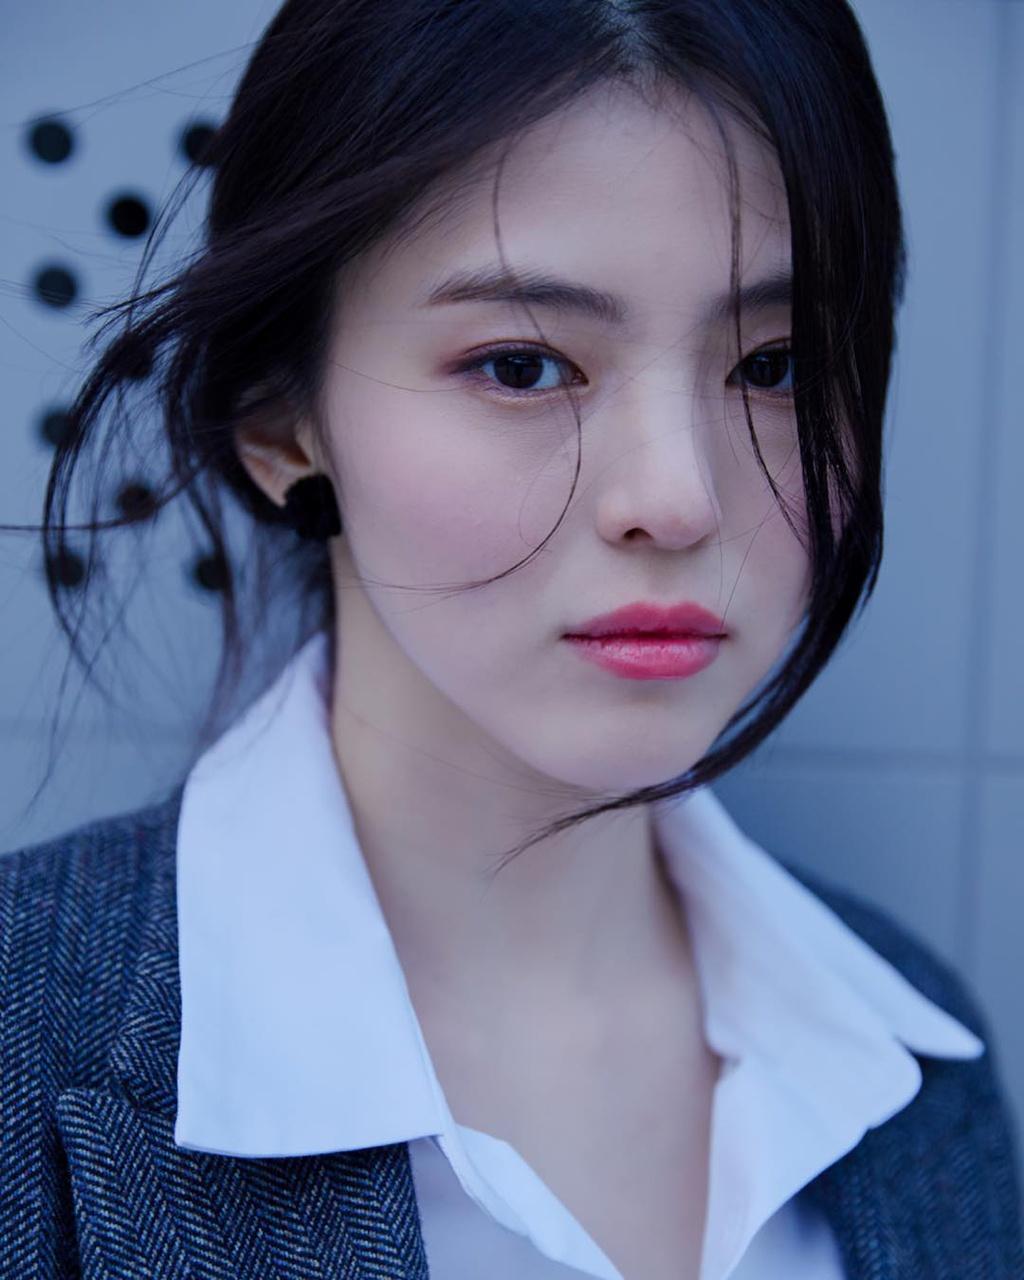 'Tiểu Song Hye Kyo' lộ ảnh ăn chơi, nổi loạn trong quá khứ - Ảnh 7